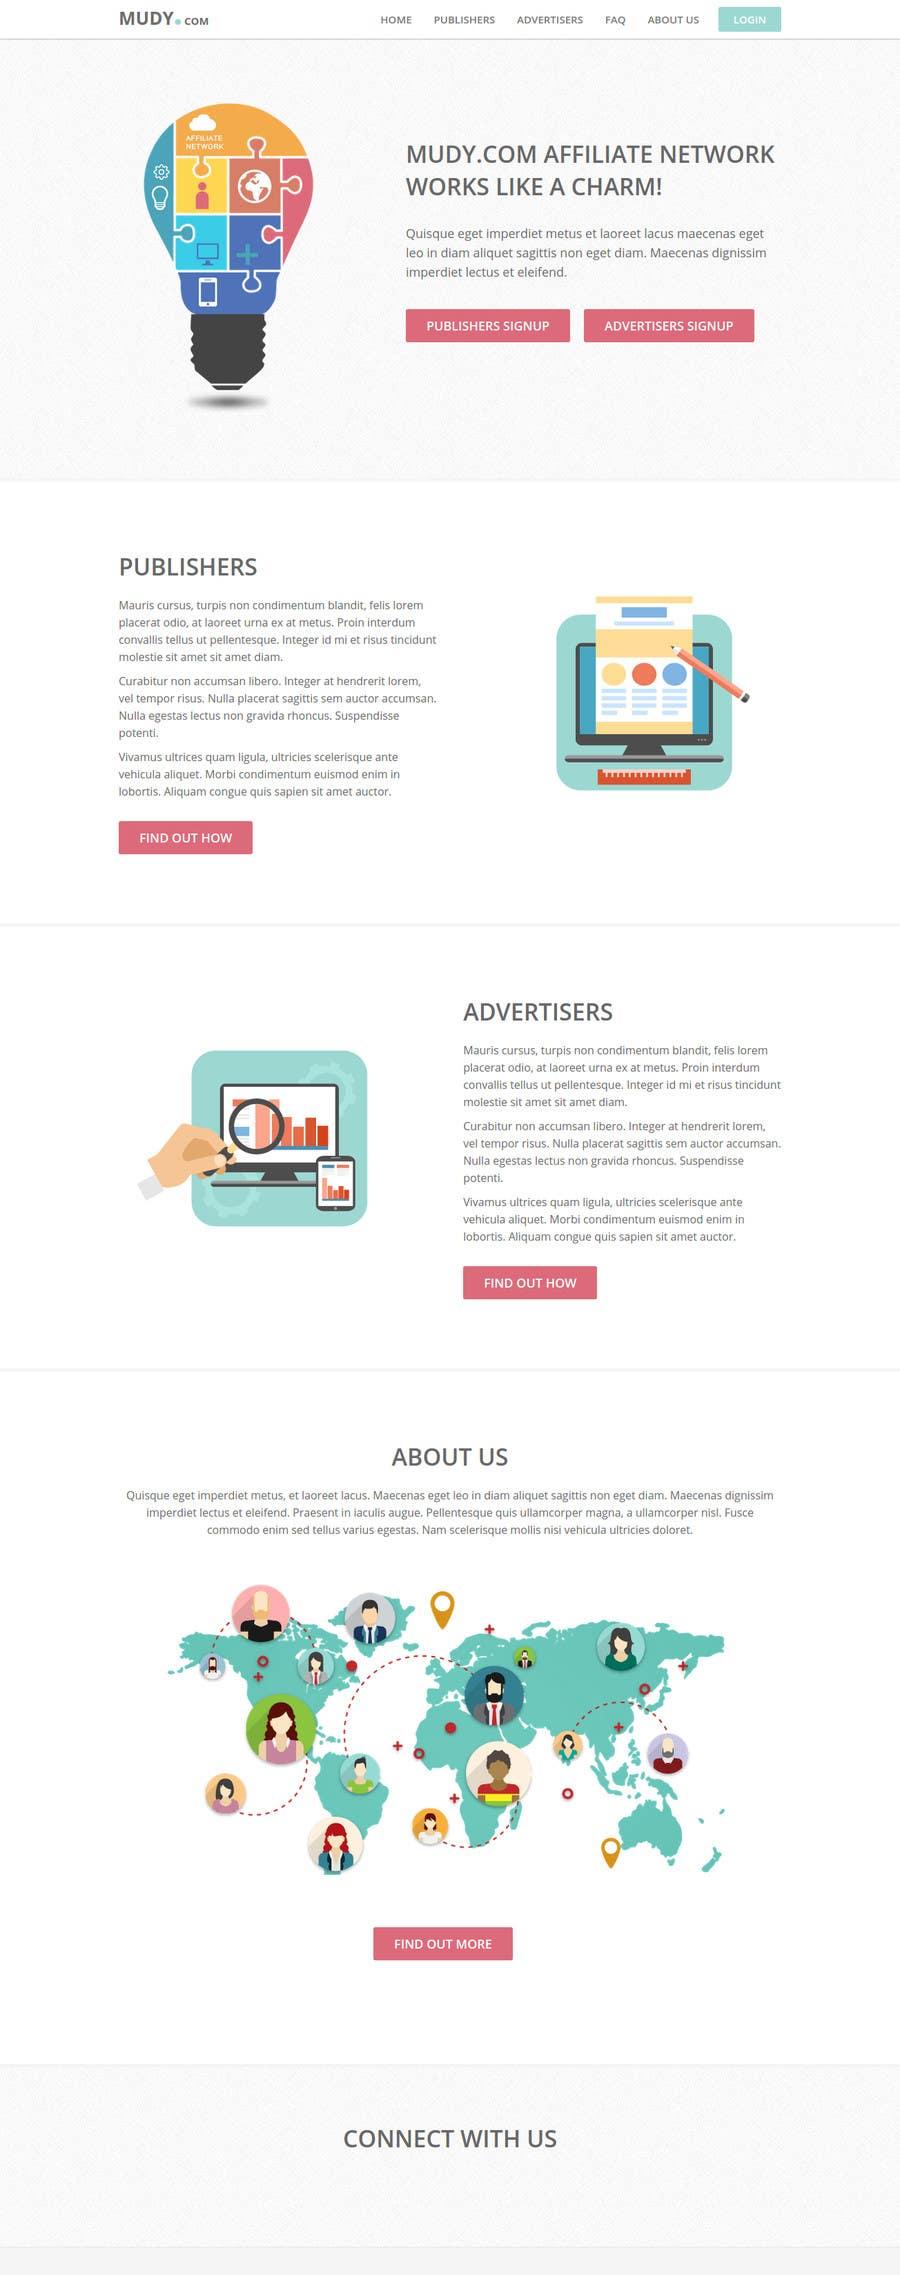 Konkurrenceindlæg #                                        38                                      for                                         Design website for our affiliate network